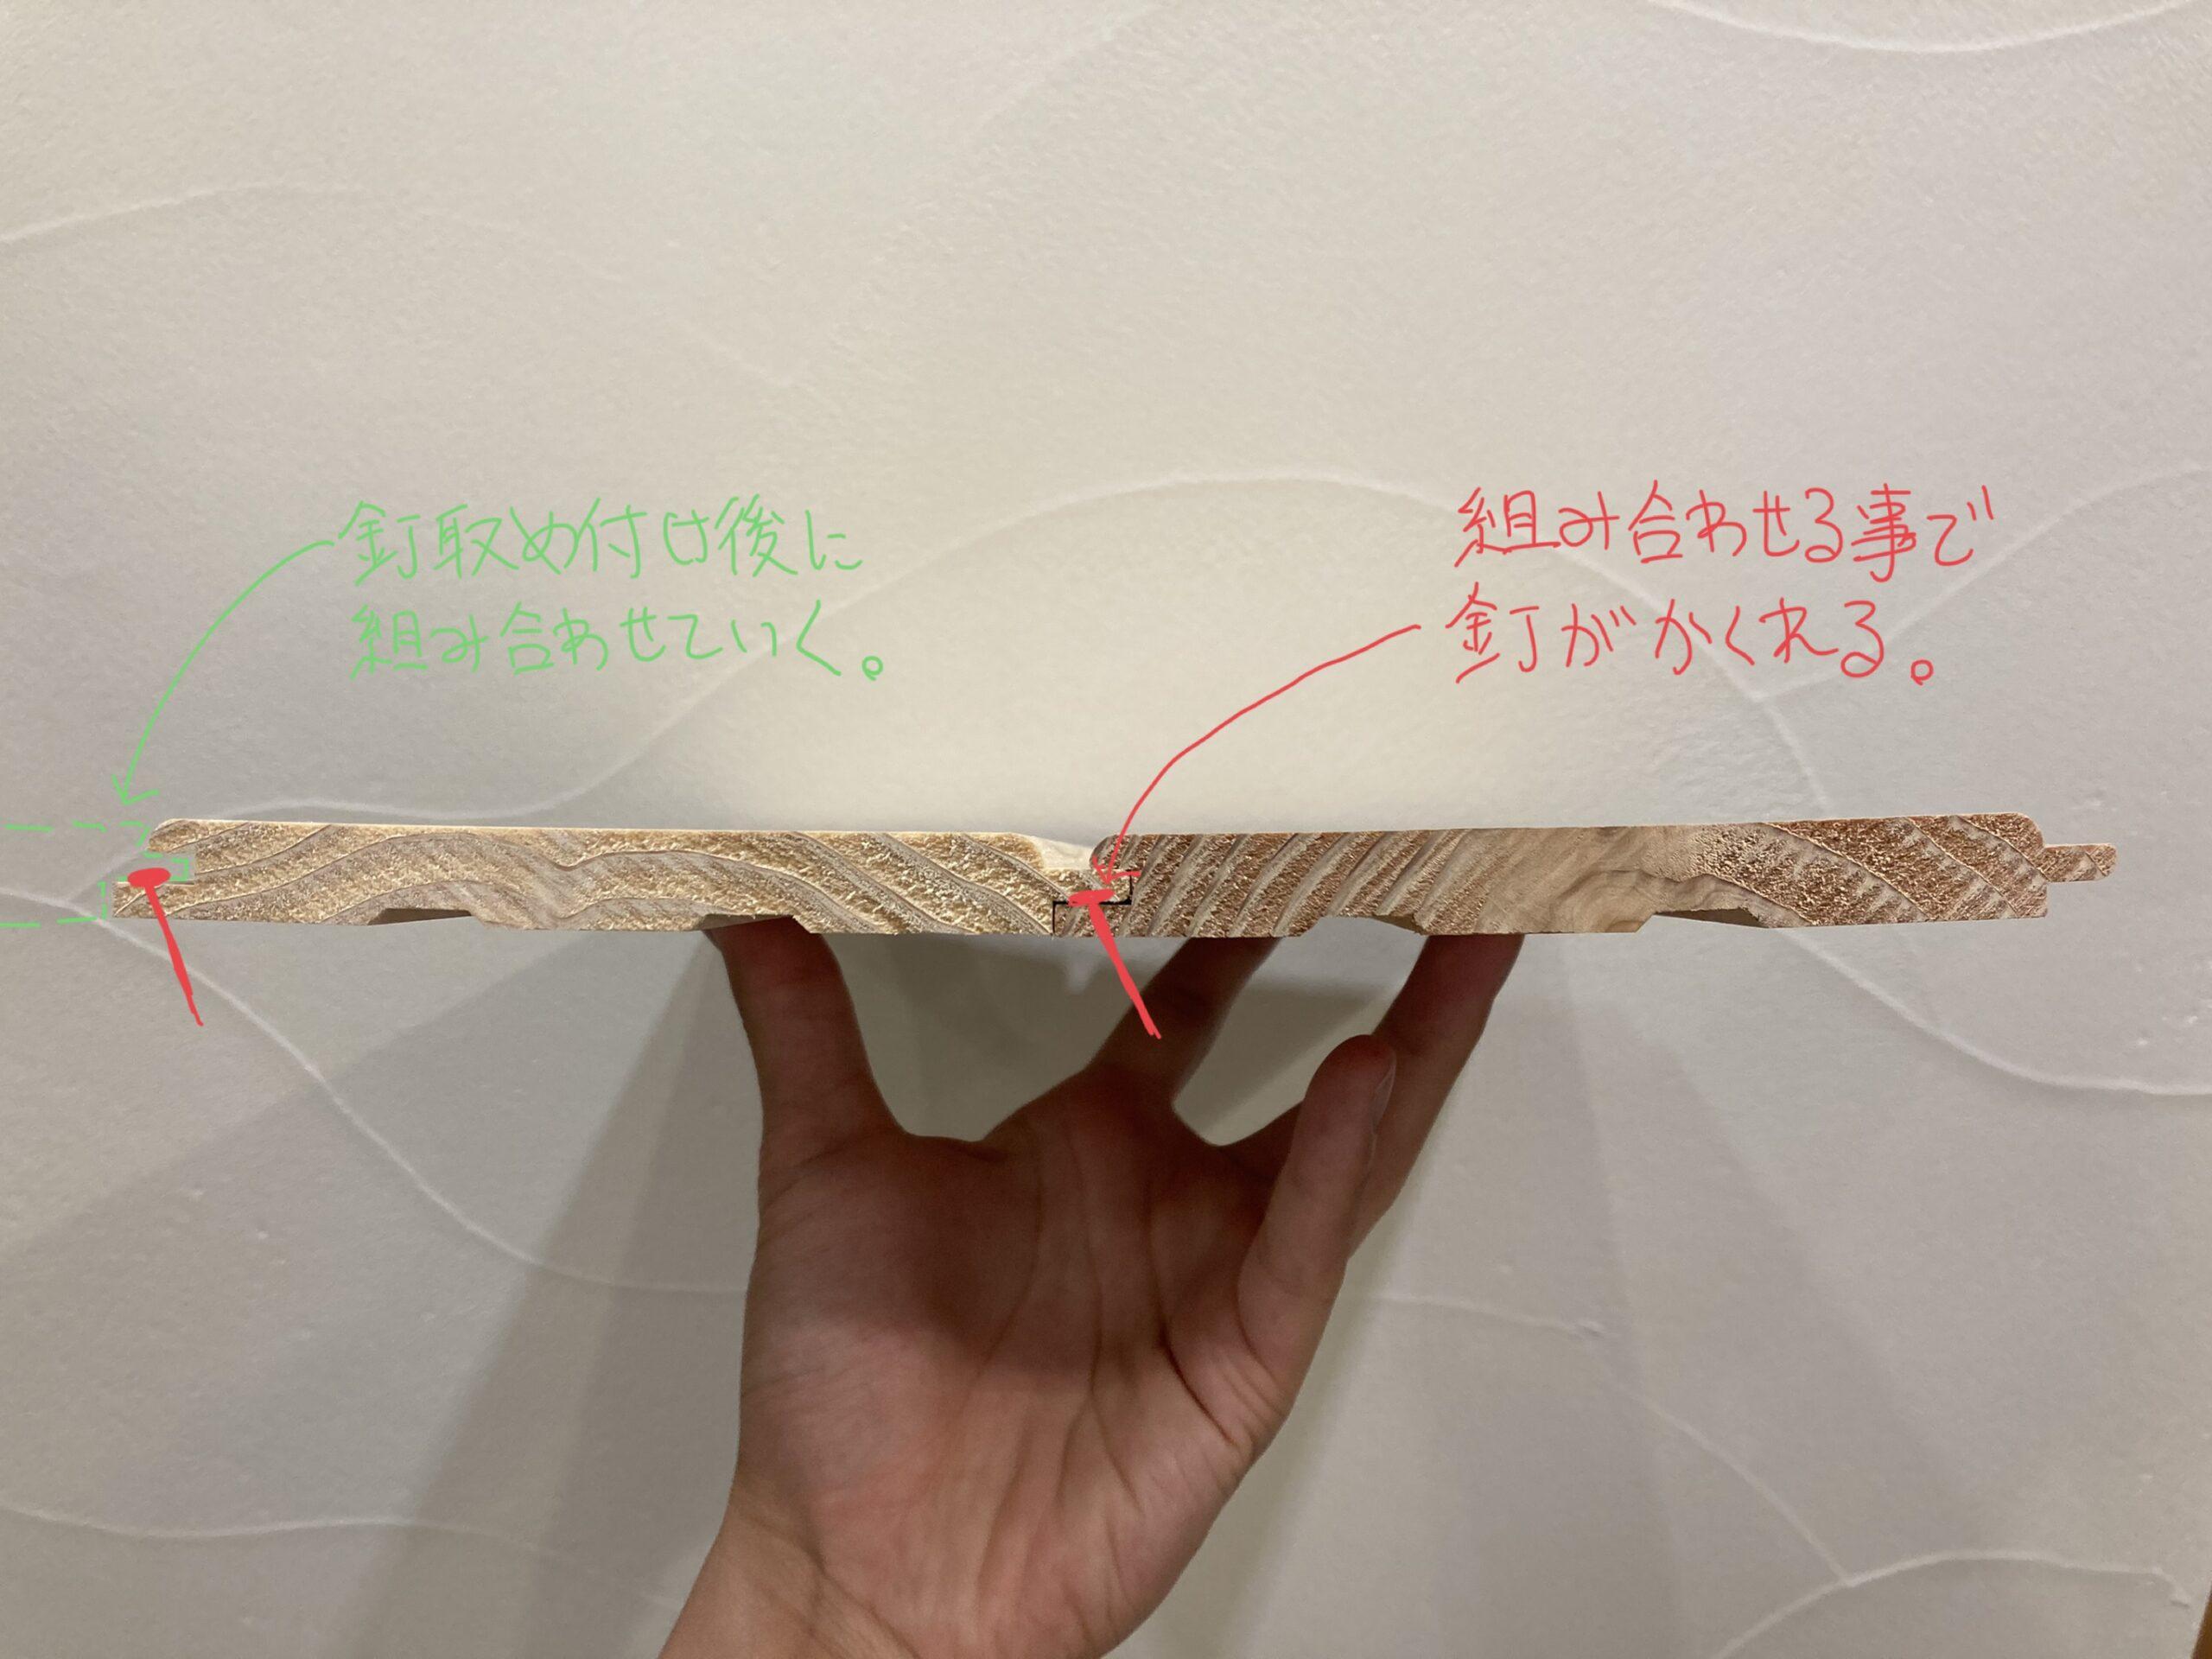 羽目板の施工方法